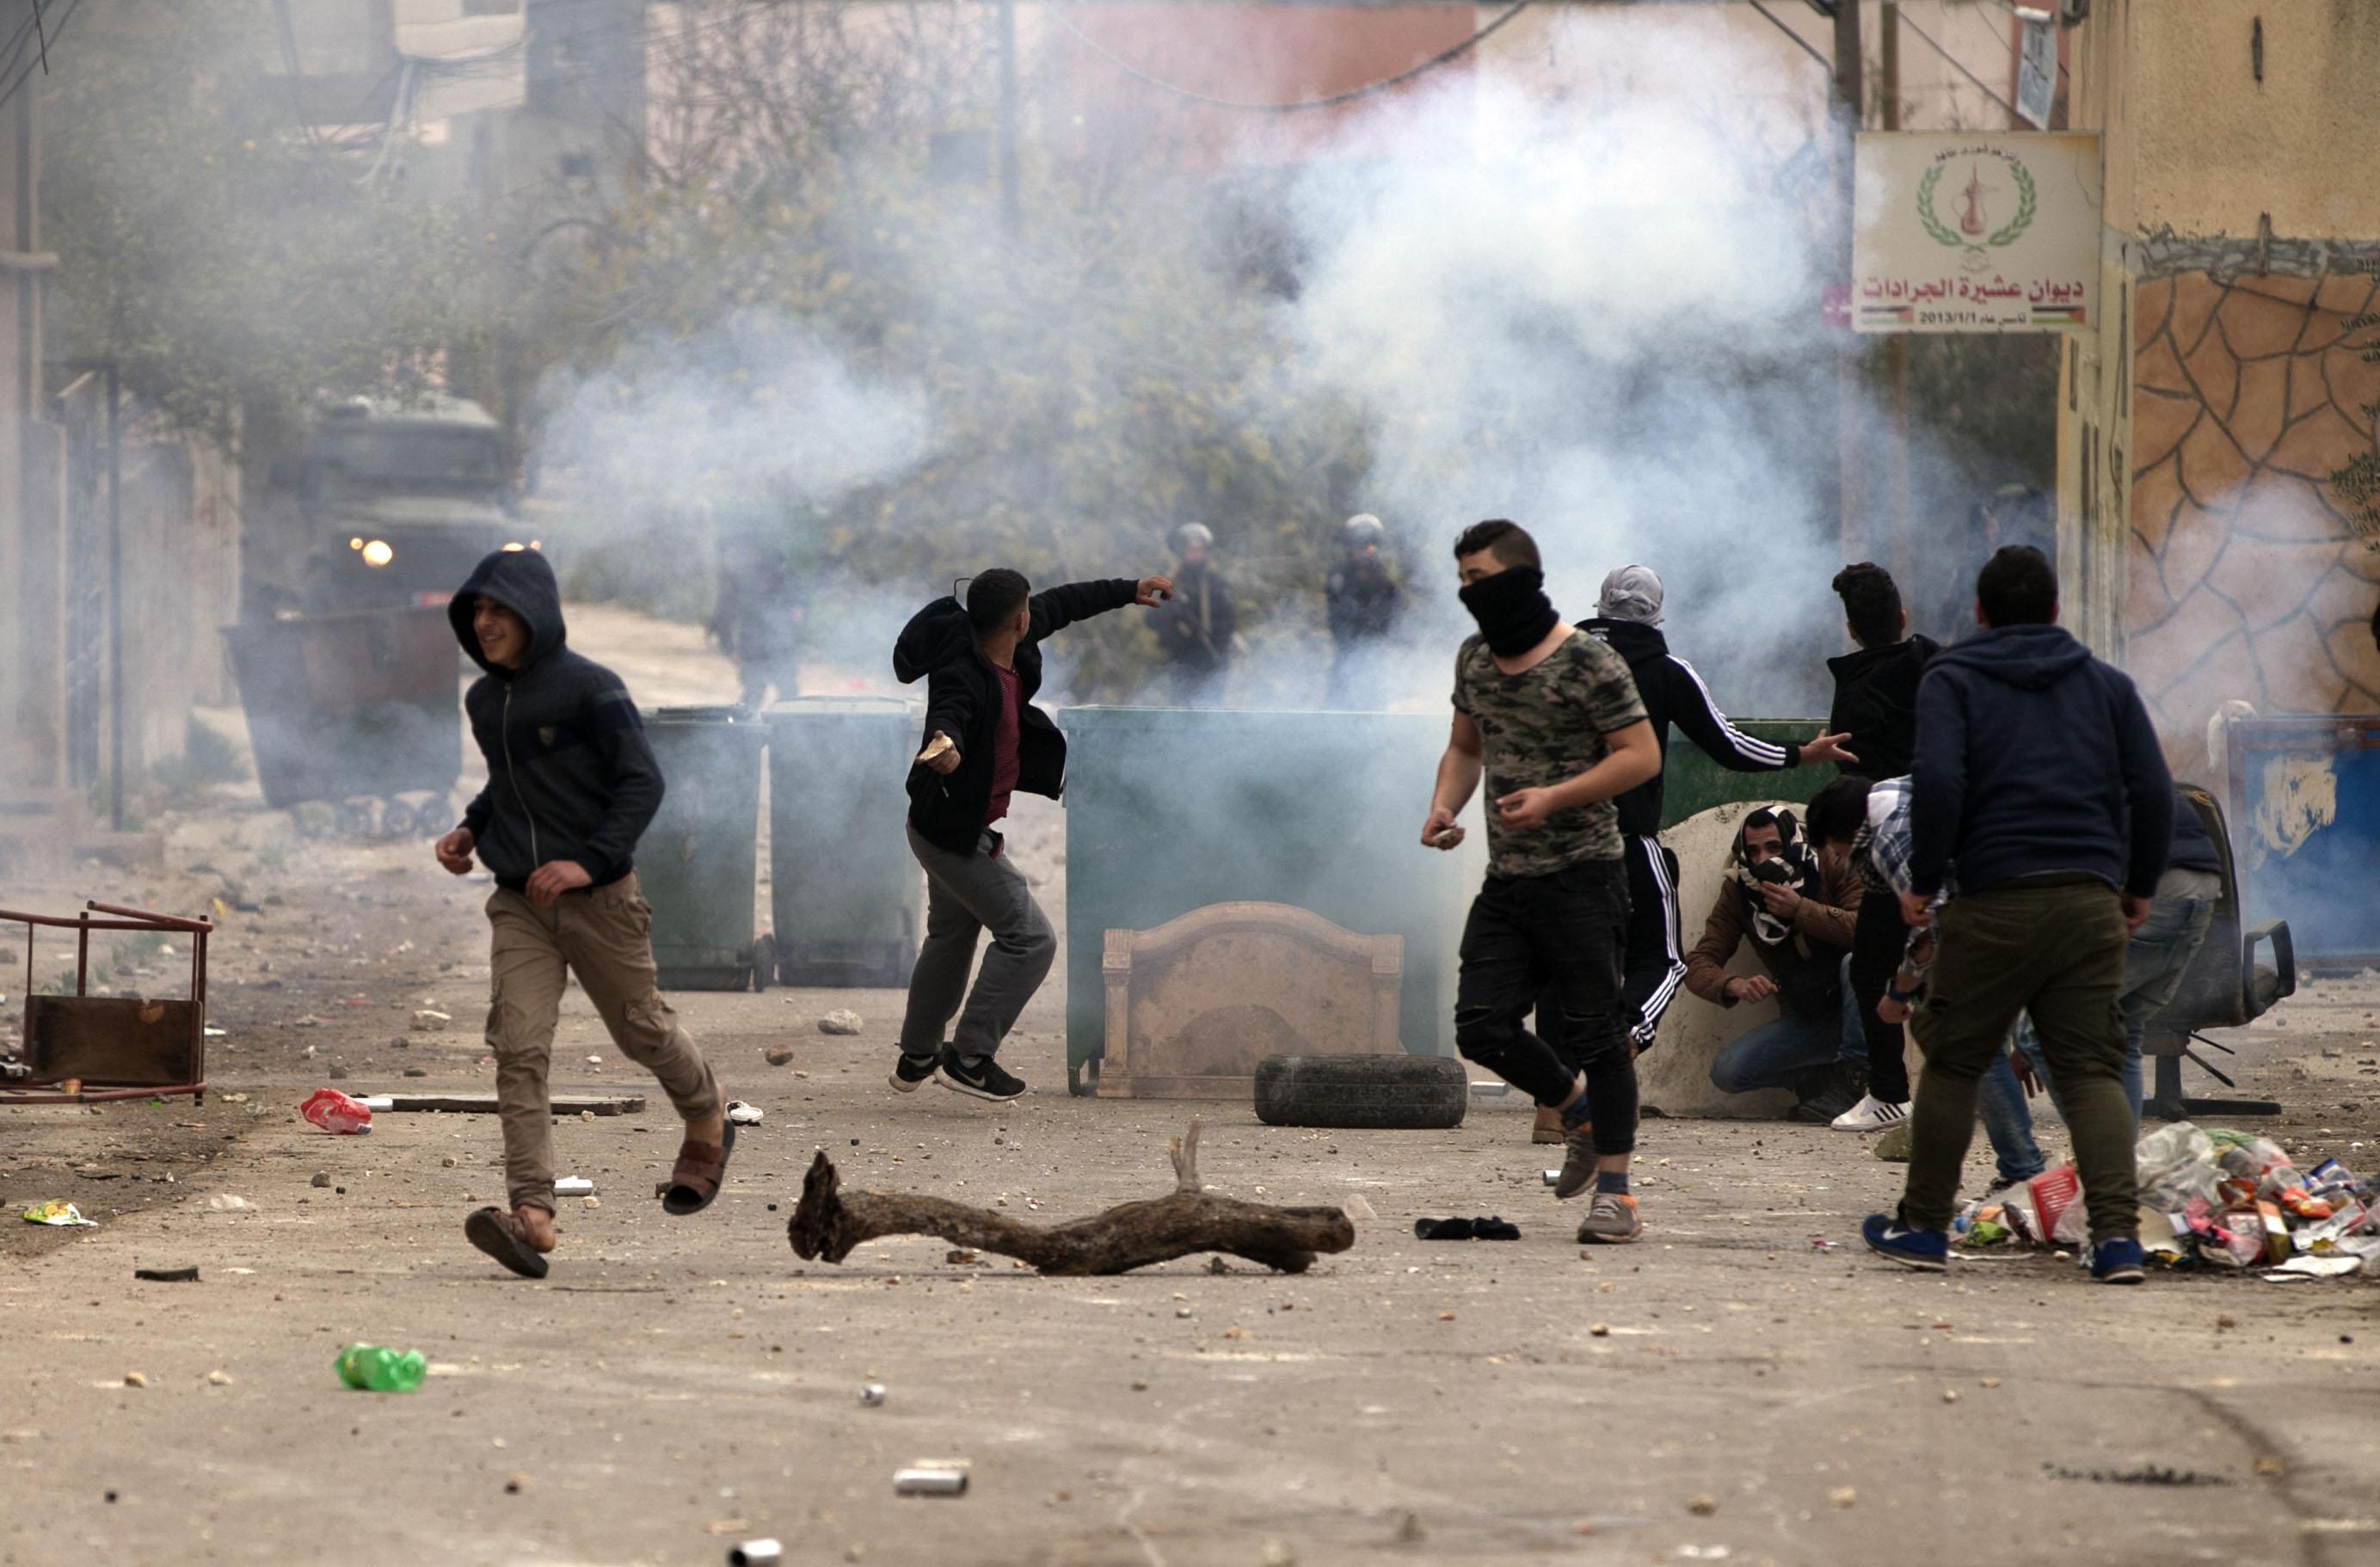 اشتباكات عنيفة بين فلسطينيين وقوات الاحتلال